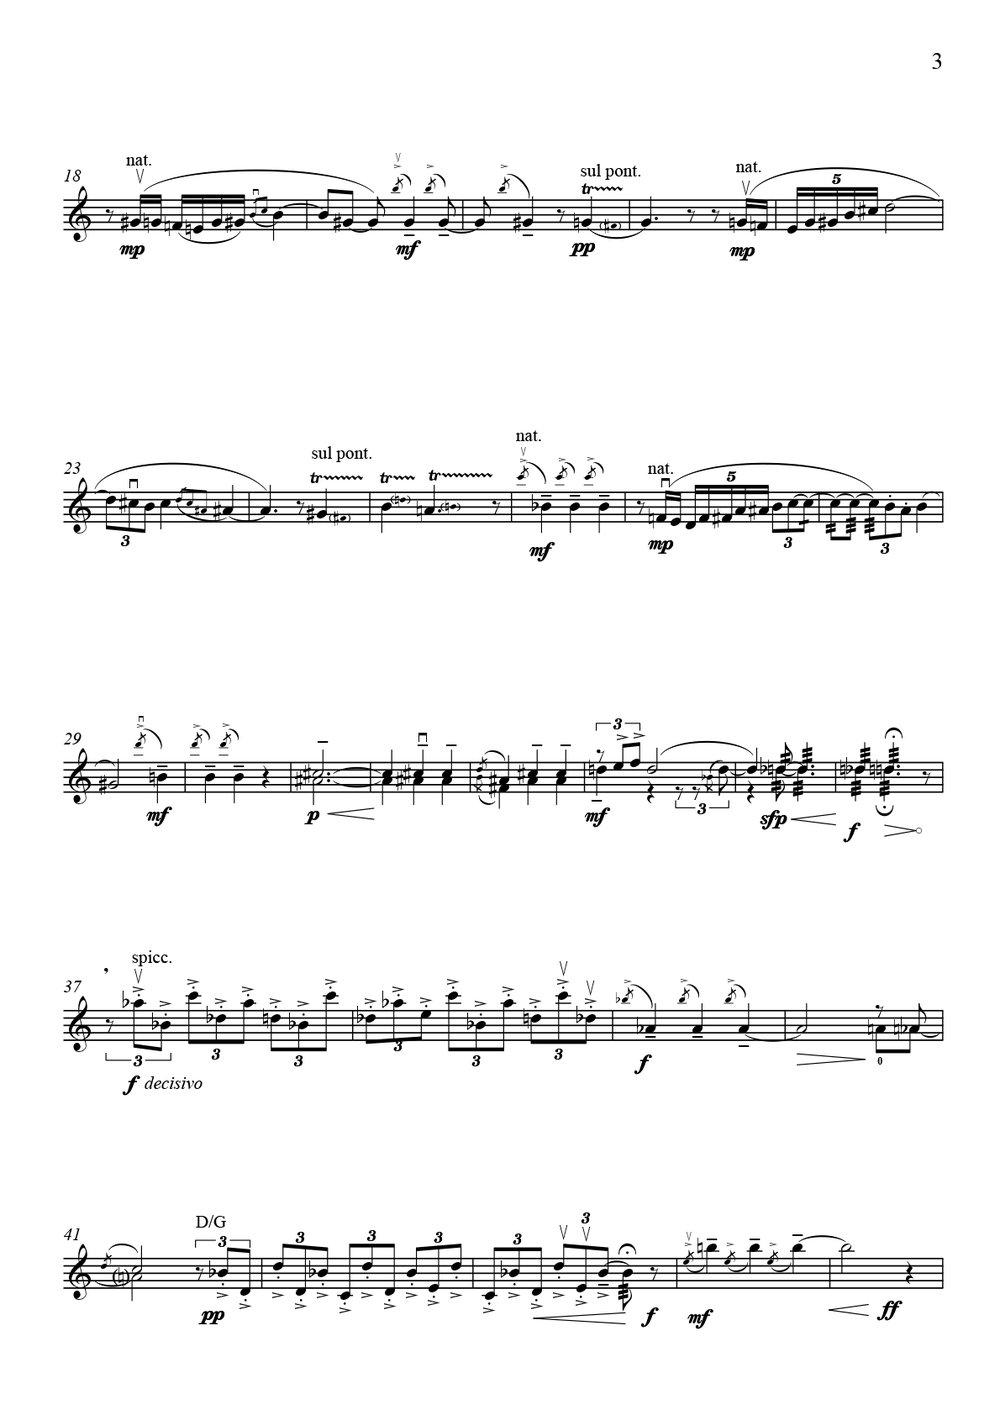 Acajatuba I Song of the Toucan-2.jpg